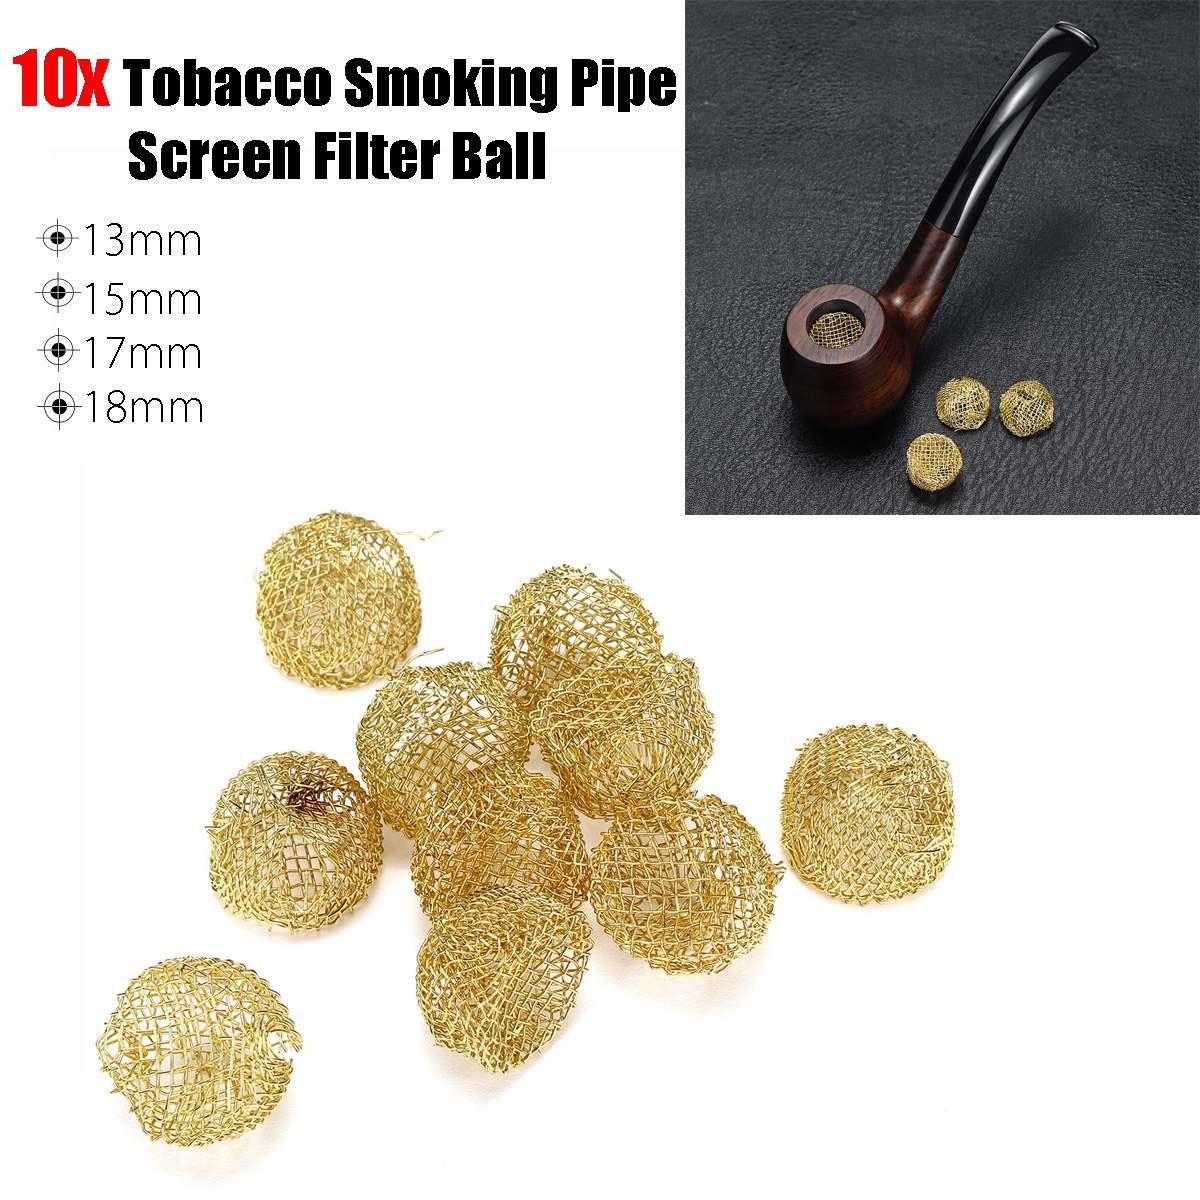 10Pcs Tobacco Smoking Pipe Metal Filter Screen Steel Mesh Rimmed Dome Bong Shake